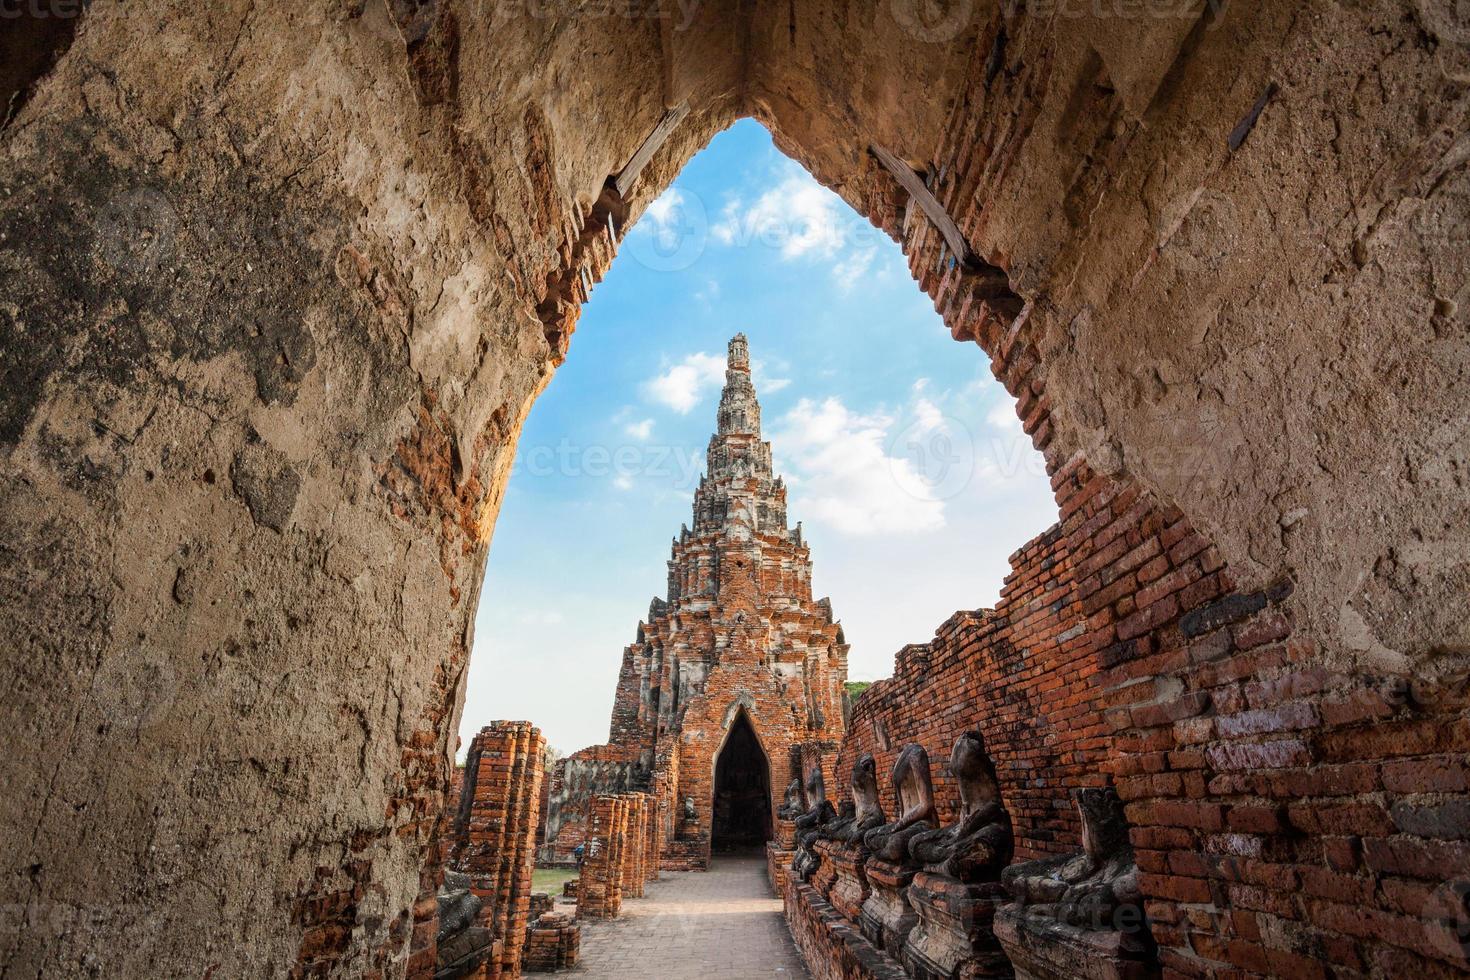 tempio di pagoda e stupa nella città antica foto